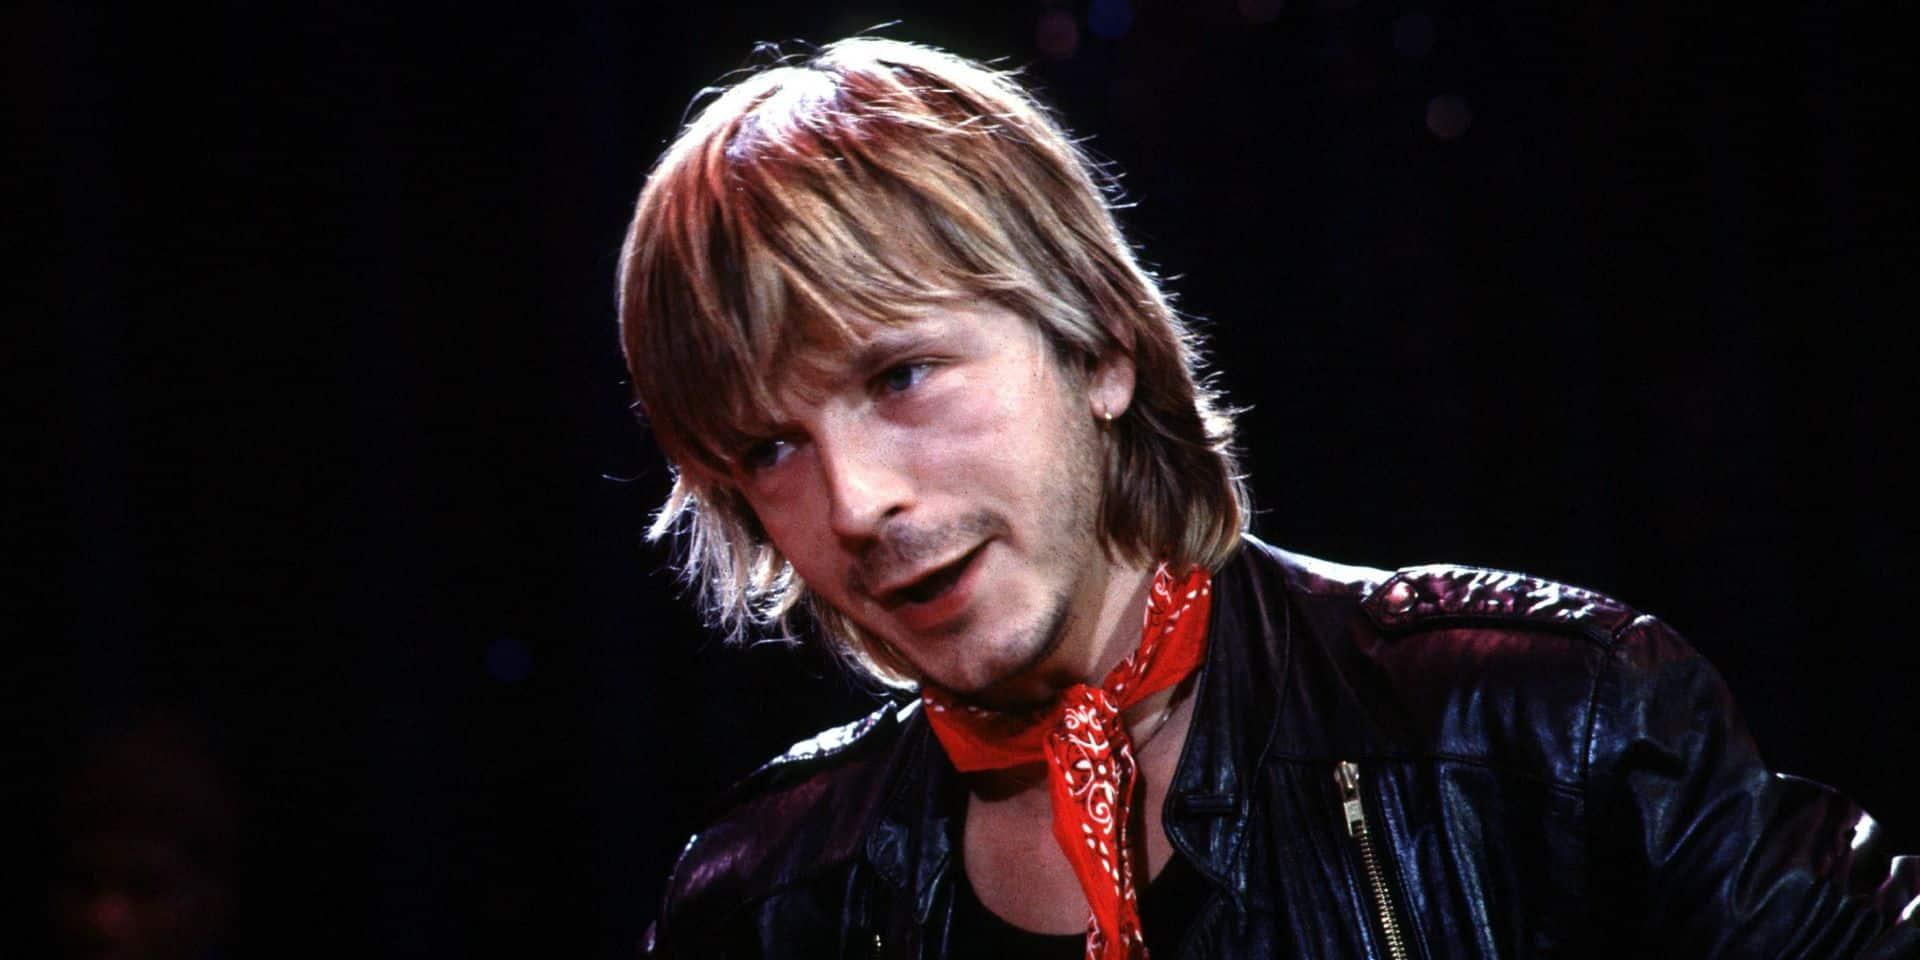 """Le 28 août 1985, le jour où Renaud a basculé dans la dépression, l'alcool et les emmerdes: """"Une partie de lui a disparu ce jour-là"""""""